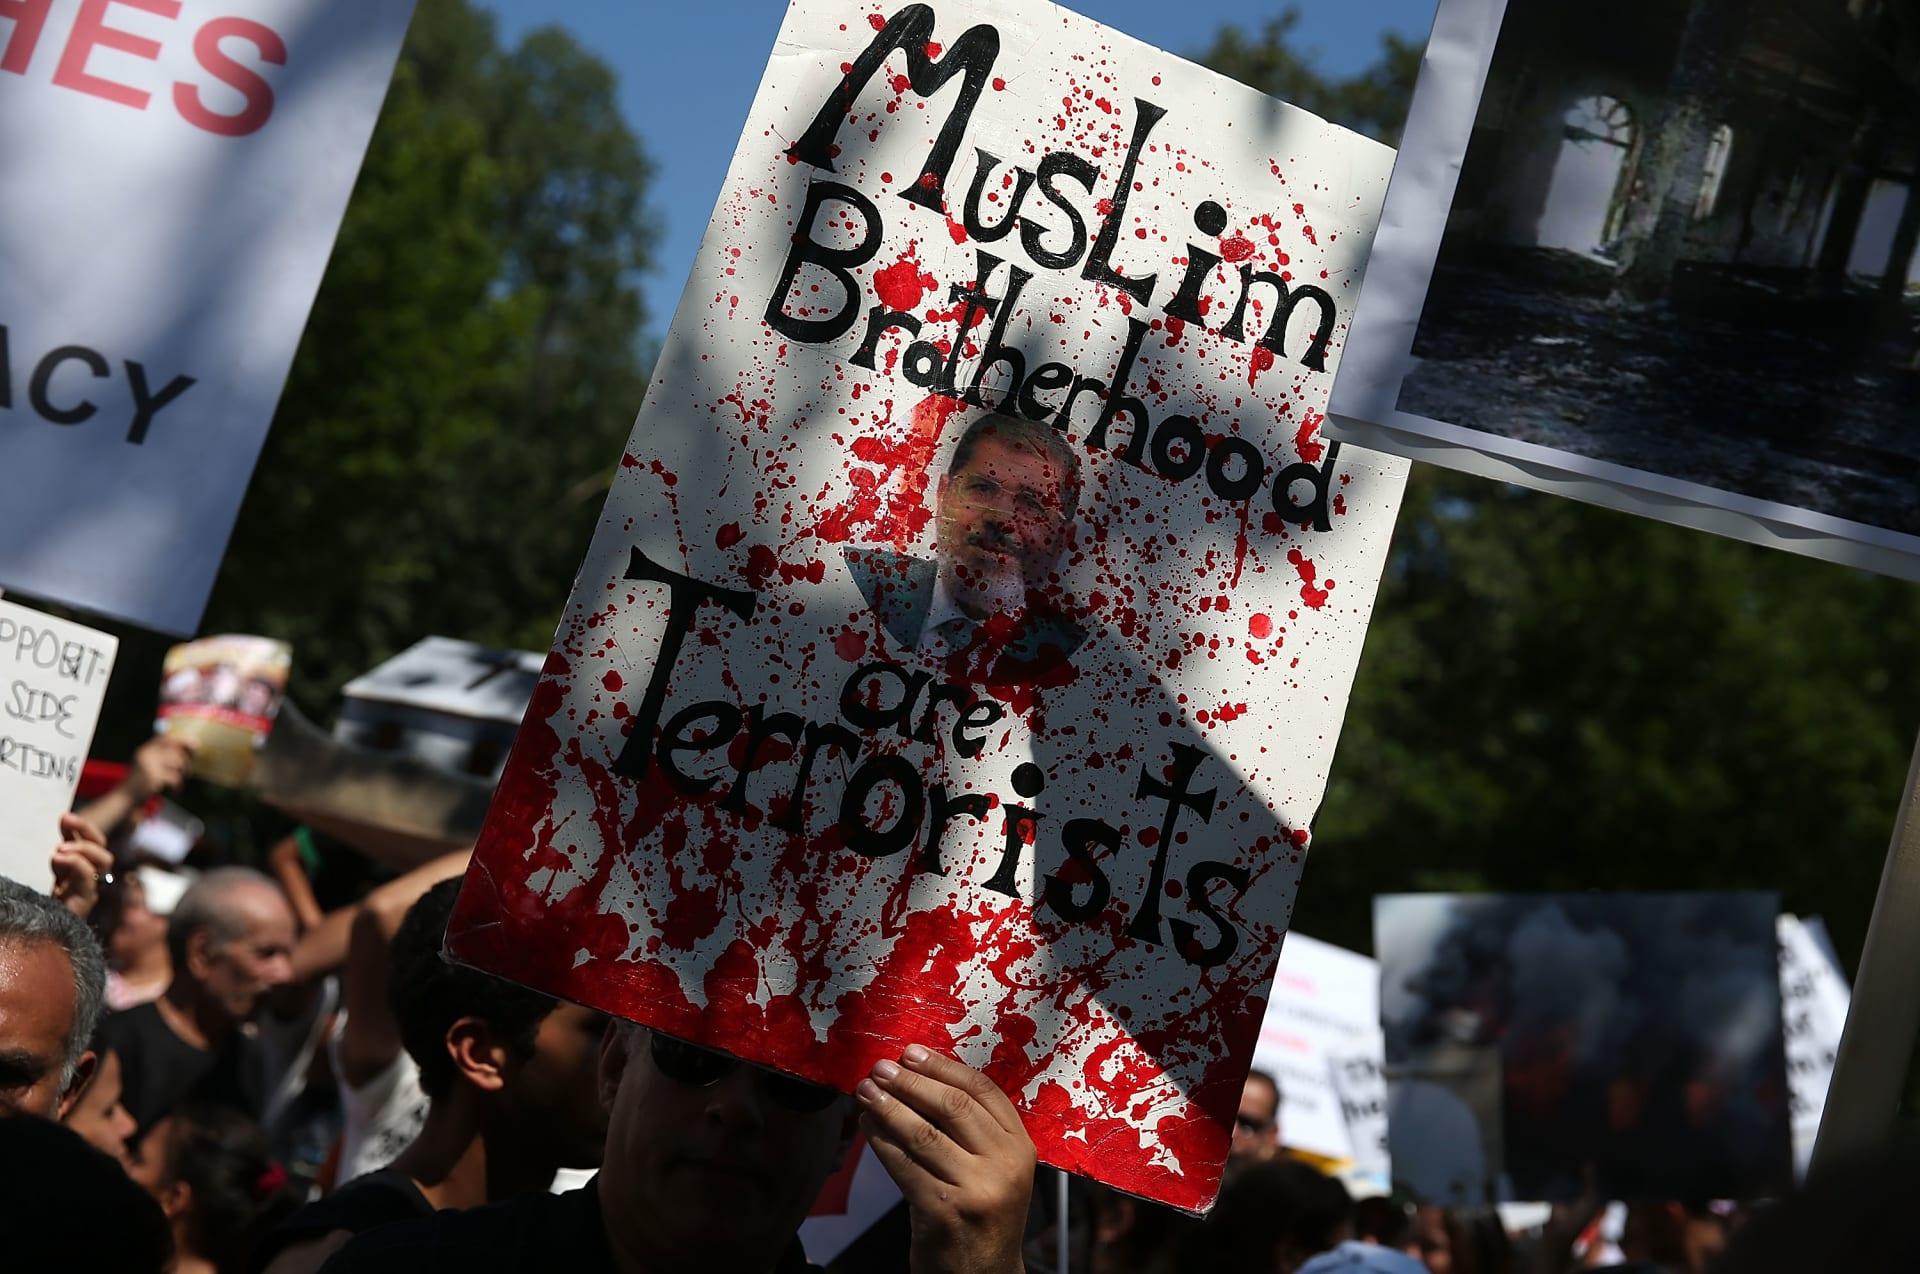 بشار جرار يكتب عن نية واشنطن إدراج الإخوان المسلمين على لائحة الإرهاب: تسونامي أكثر أهمية من أي قرار اتخذه ترامب